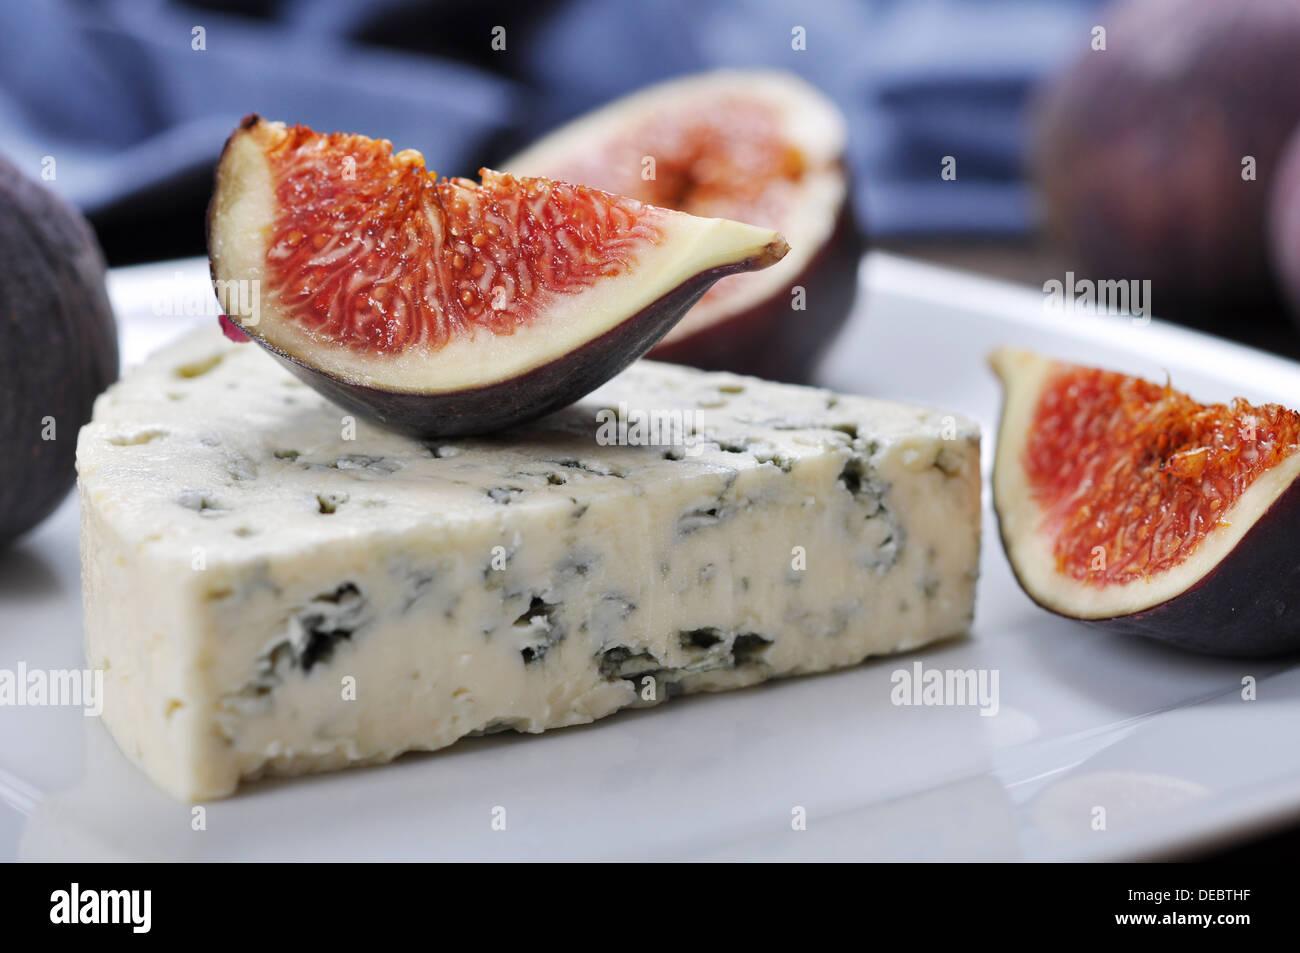 El queso azul y fruta dulce de higos en una placa blanca. Imagen De Stock